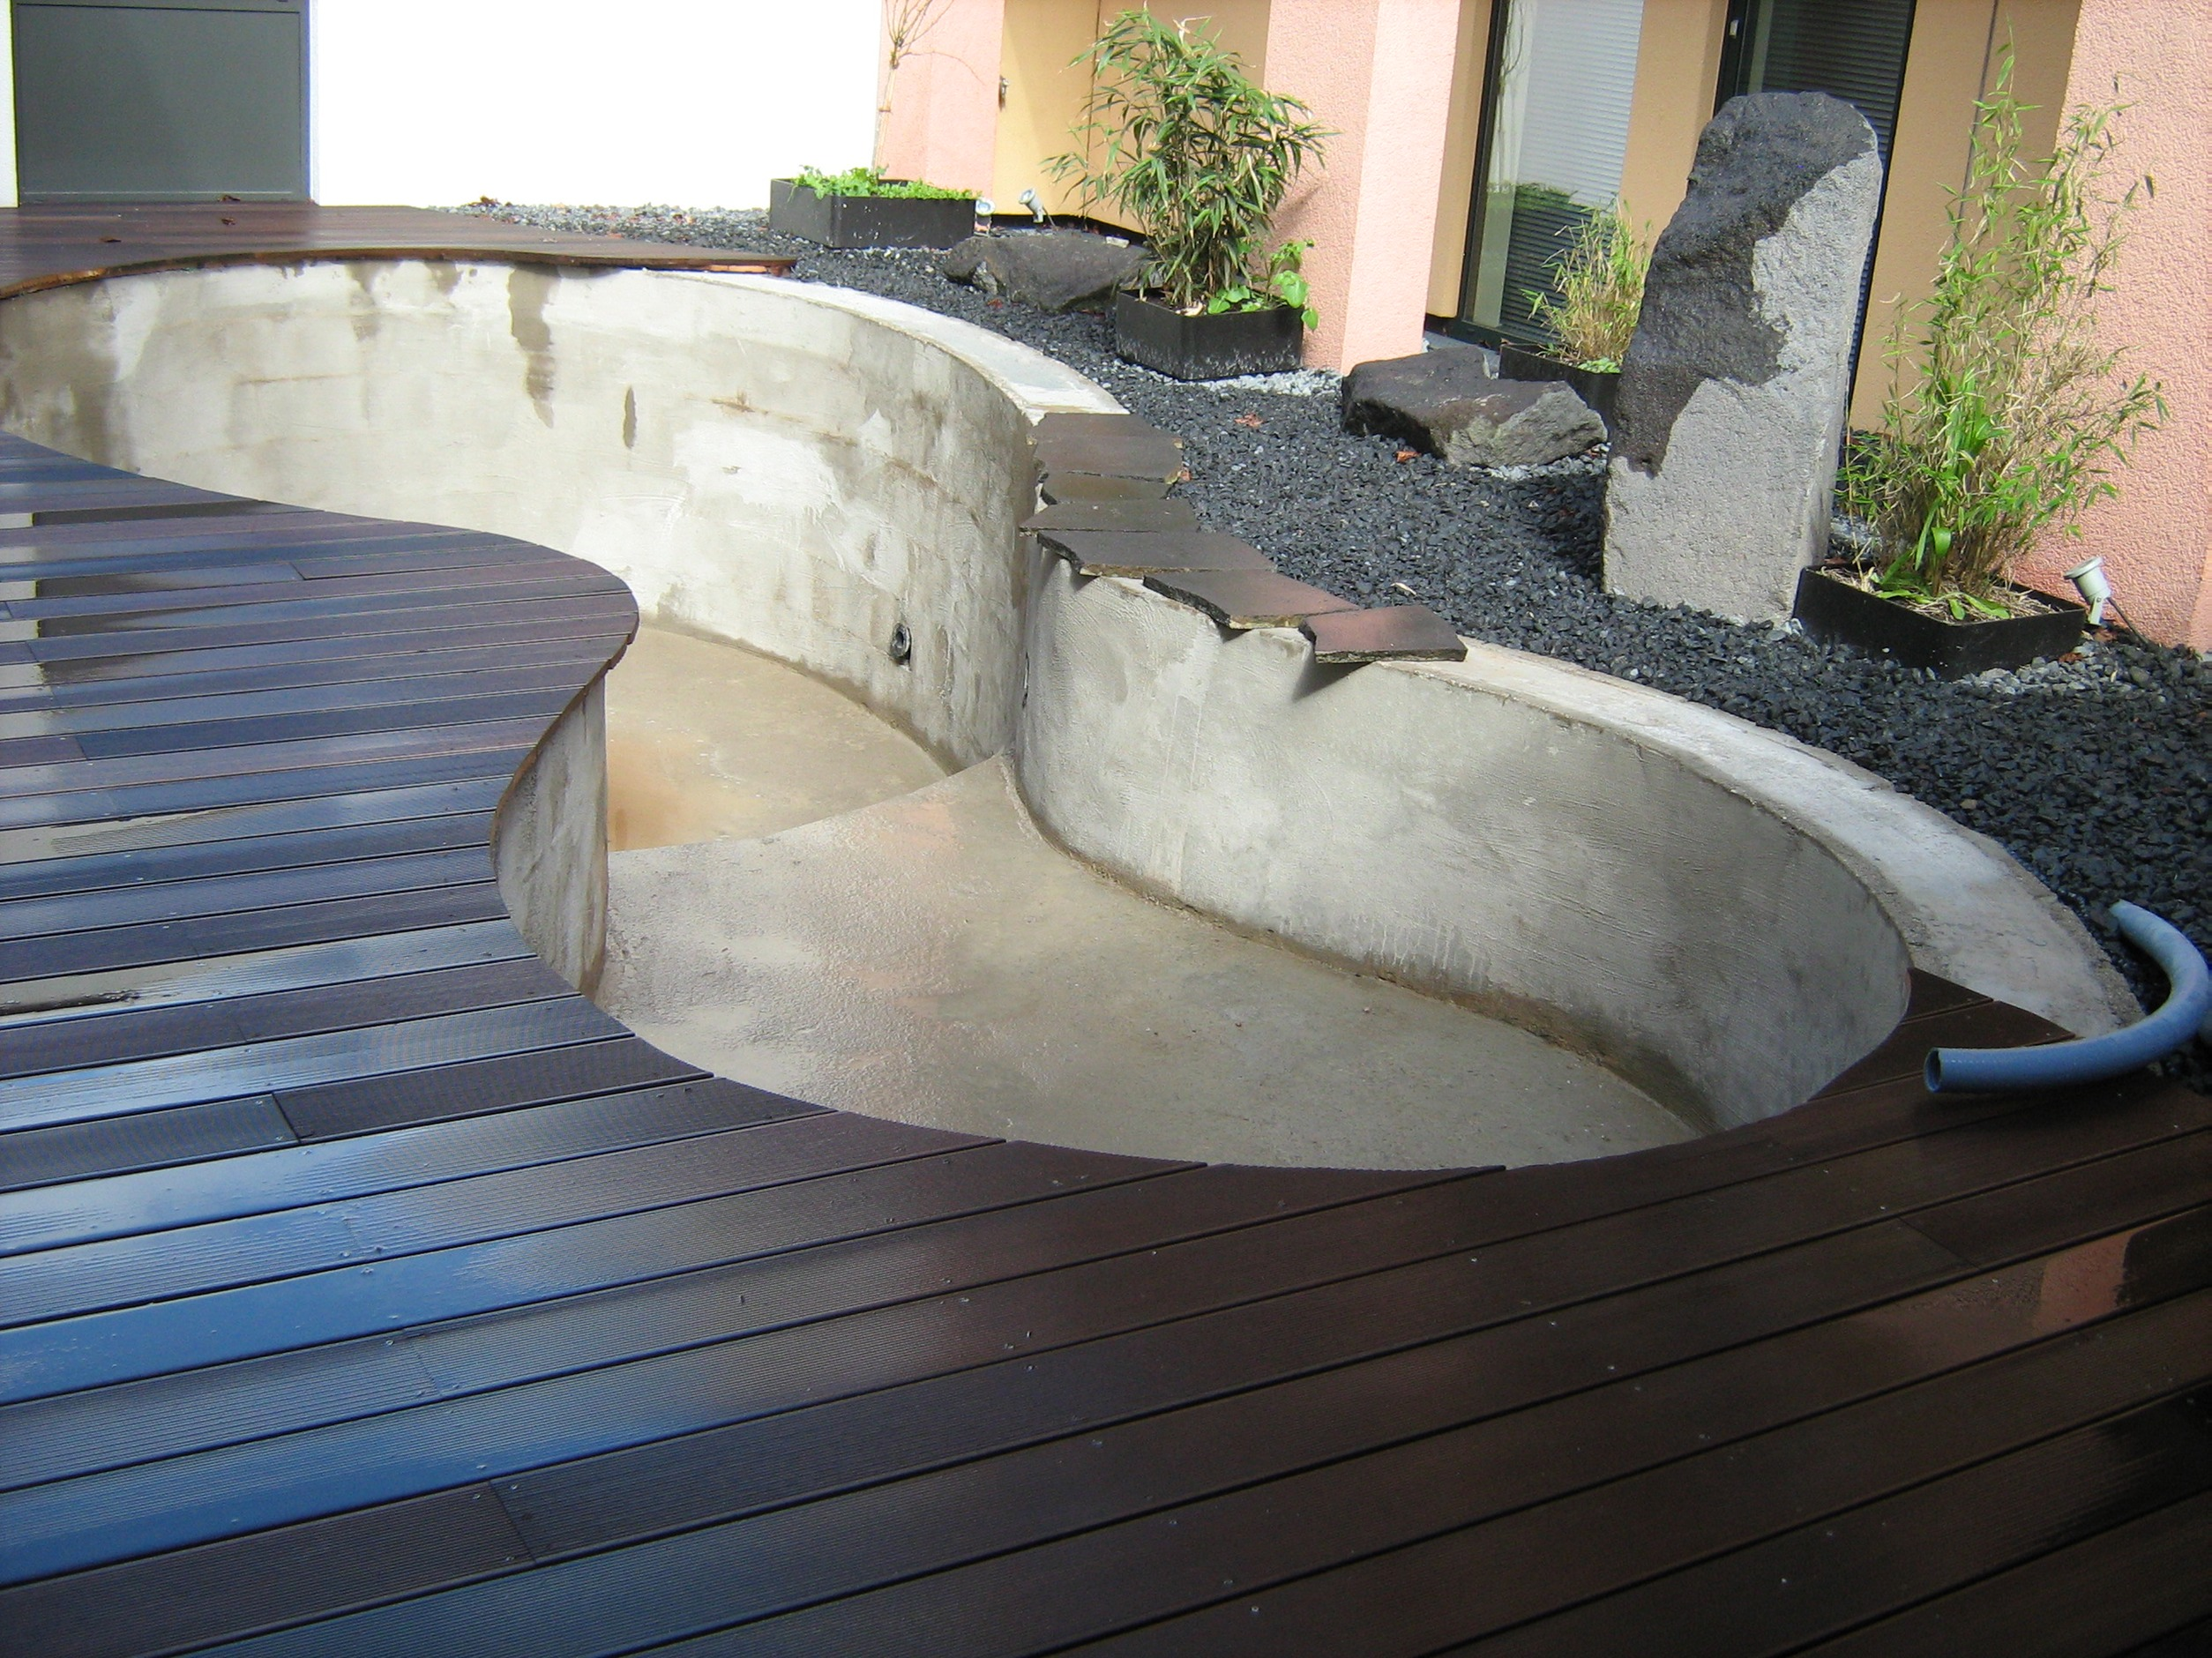 megazoo m lheim k rlich herny klammer garten und landschaftsbau. Black Bedroom Furniture Sets. Home Design Ideas